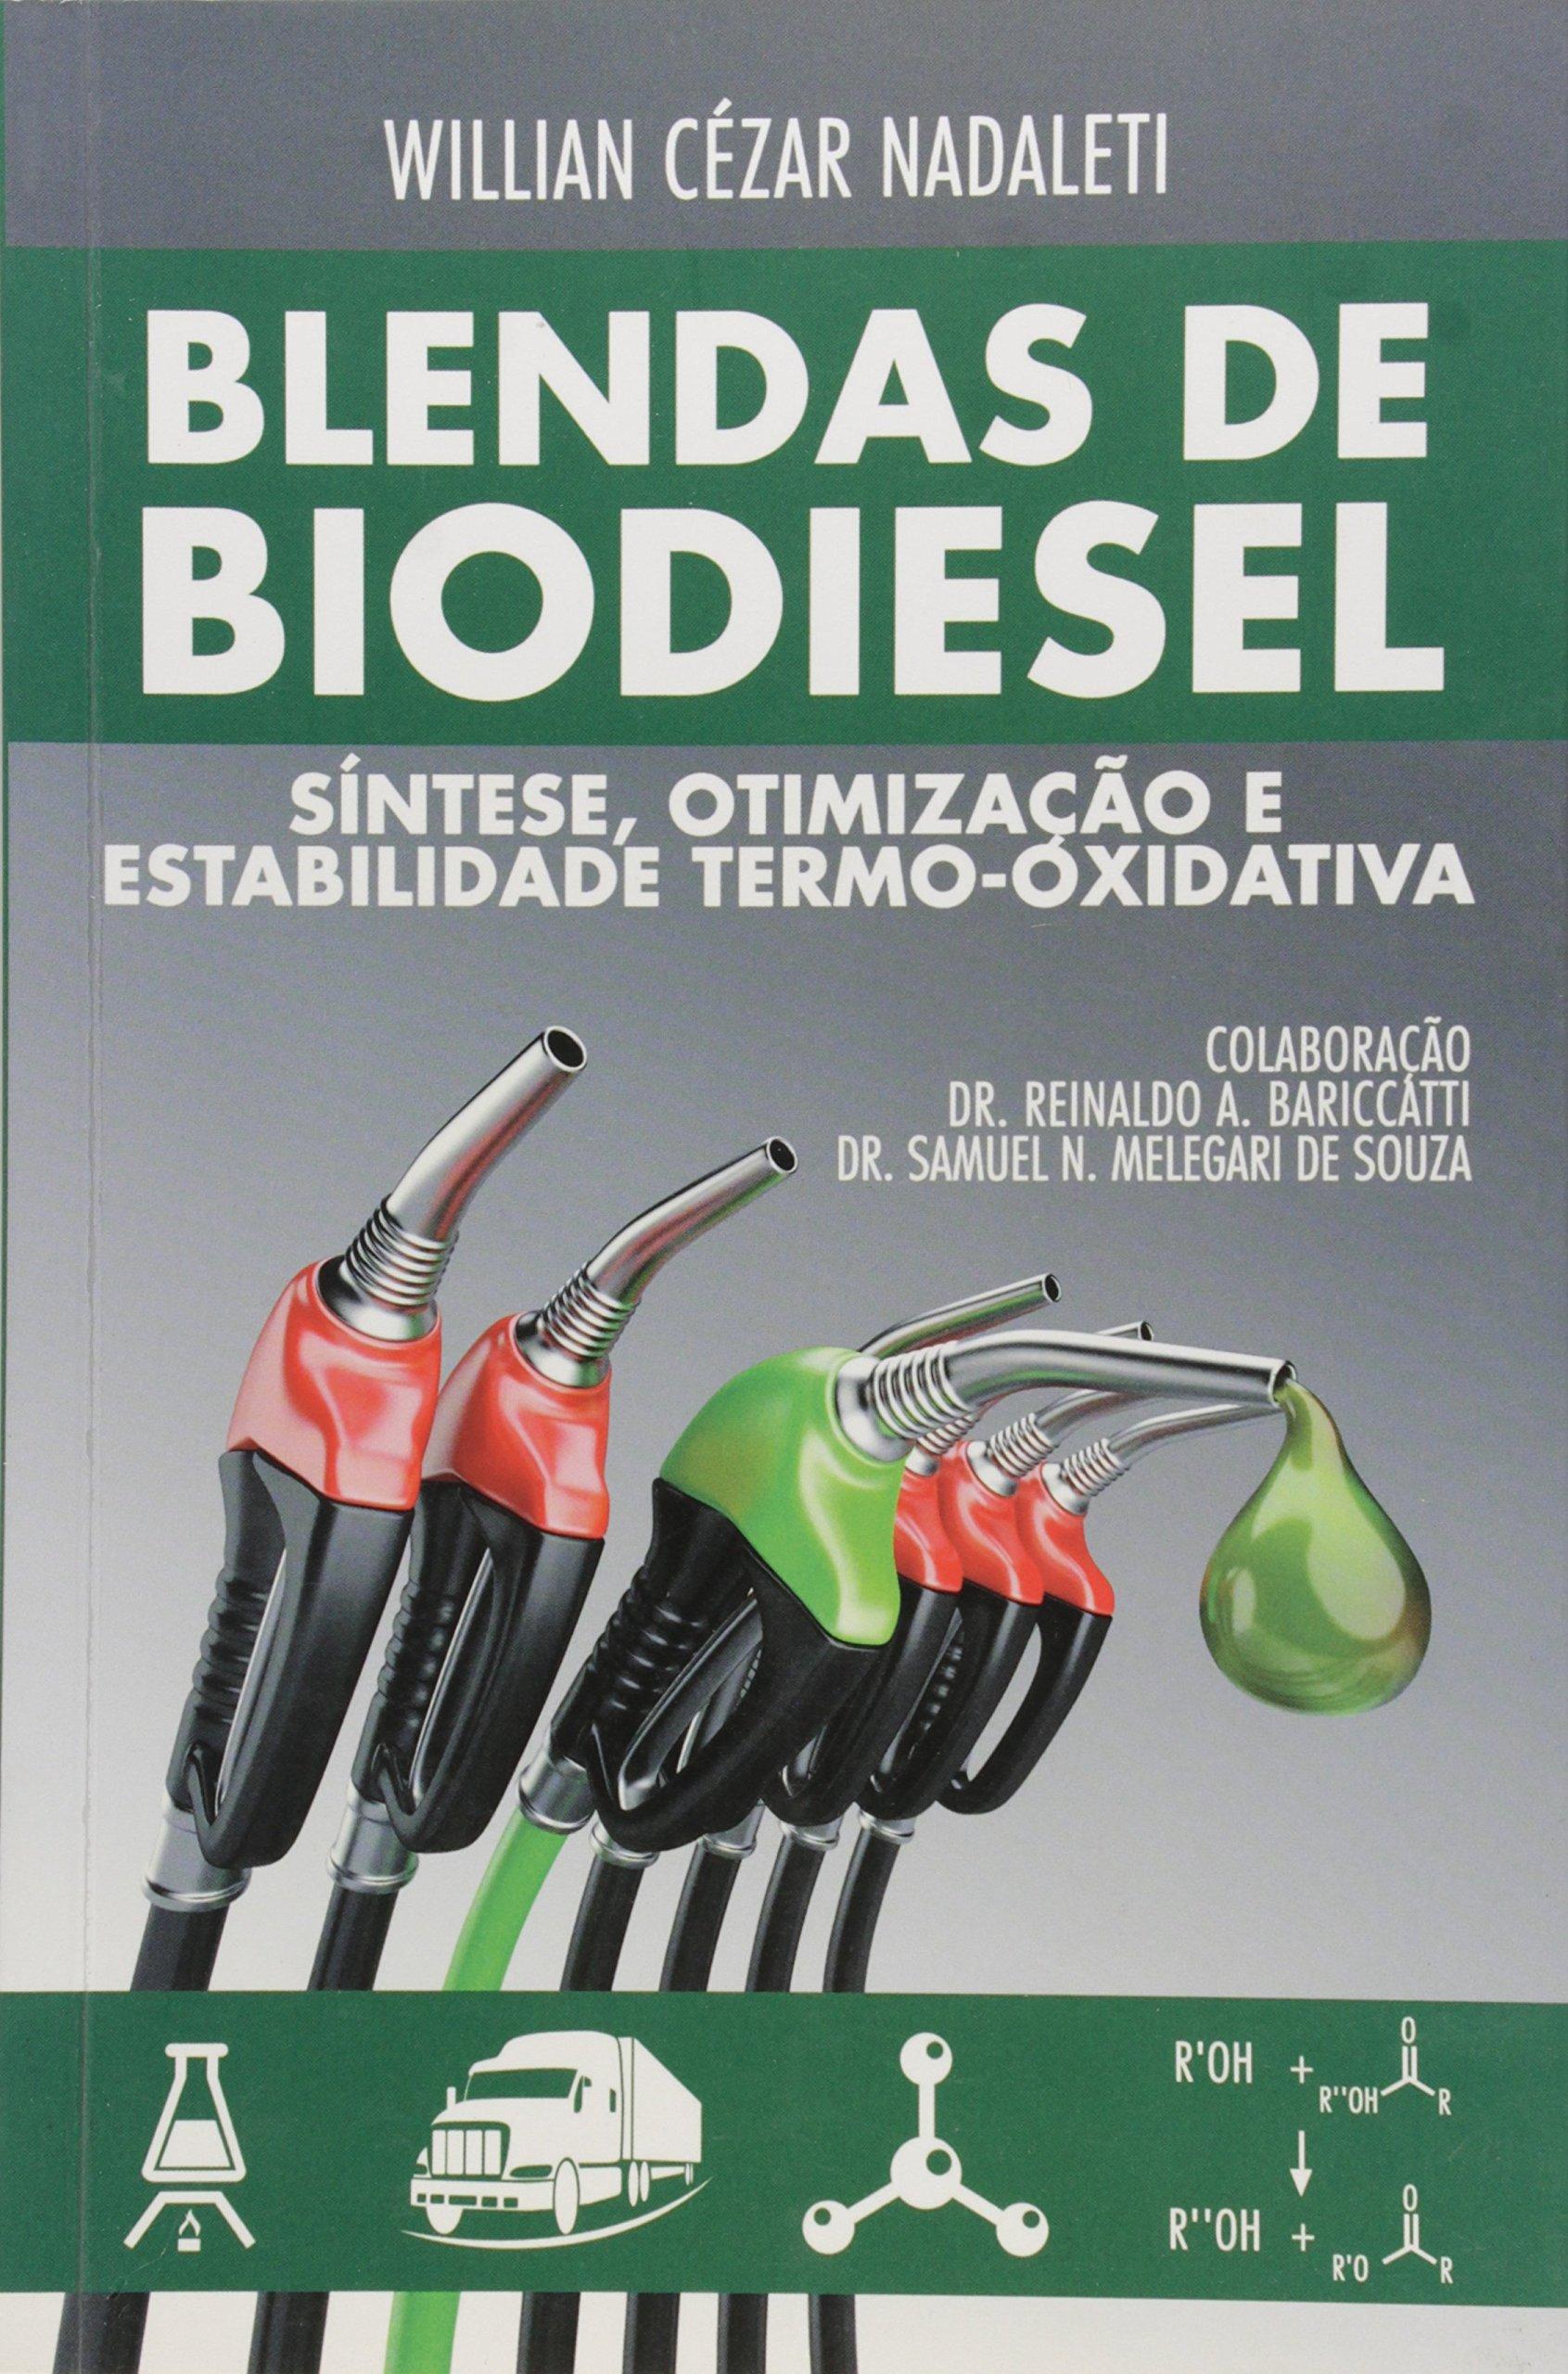 Blendas de Biodiesel Sintese, Otimizacao e Estabilidade Termo-oxidativa ebook